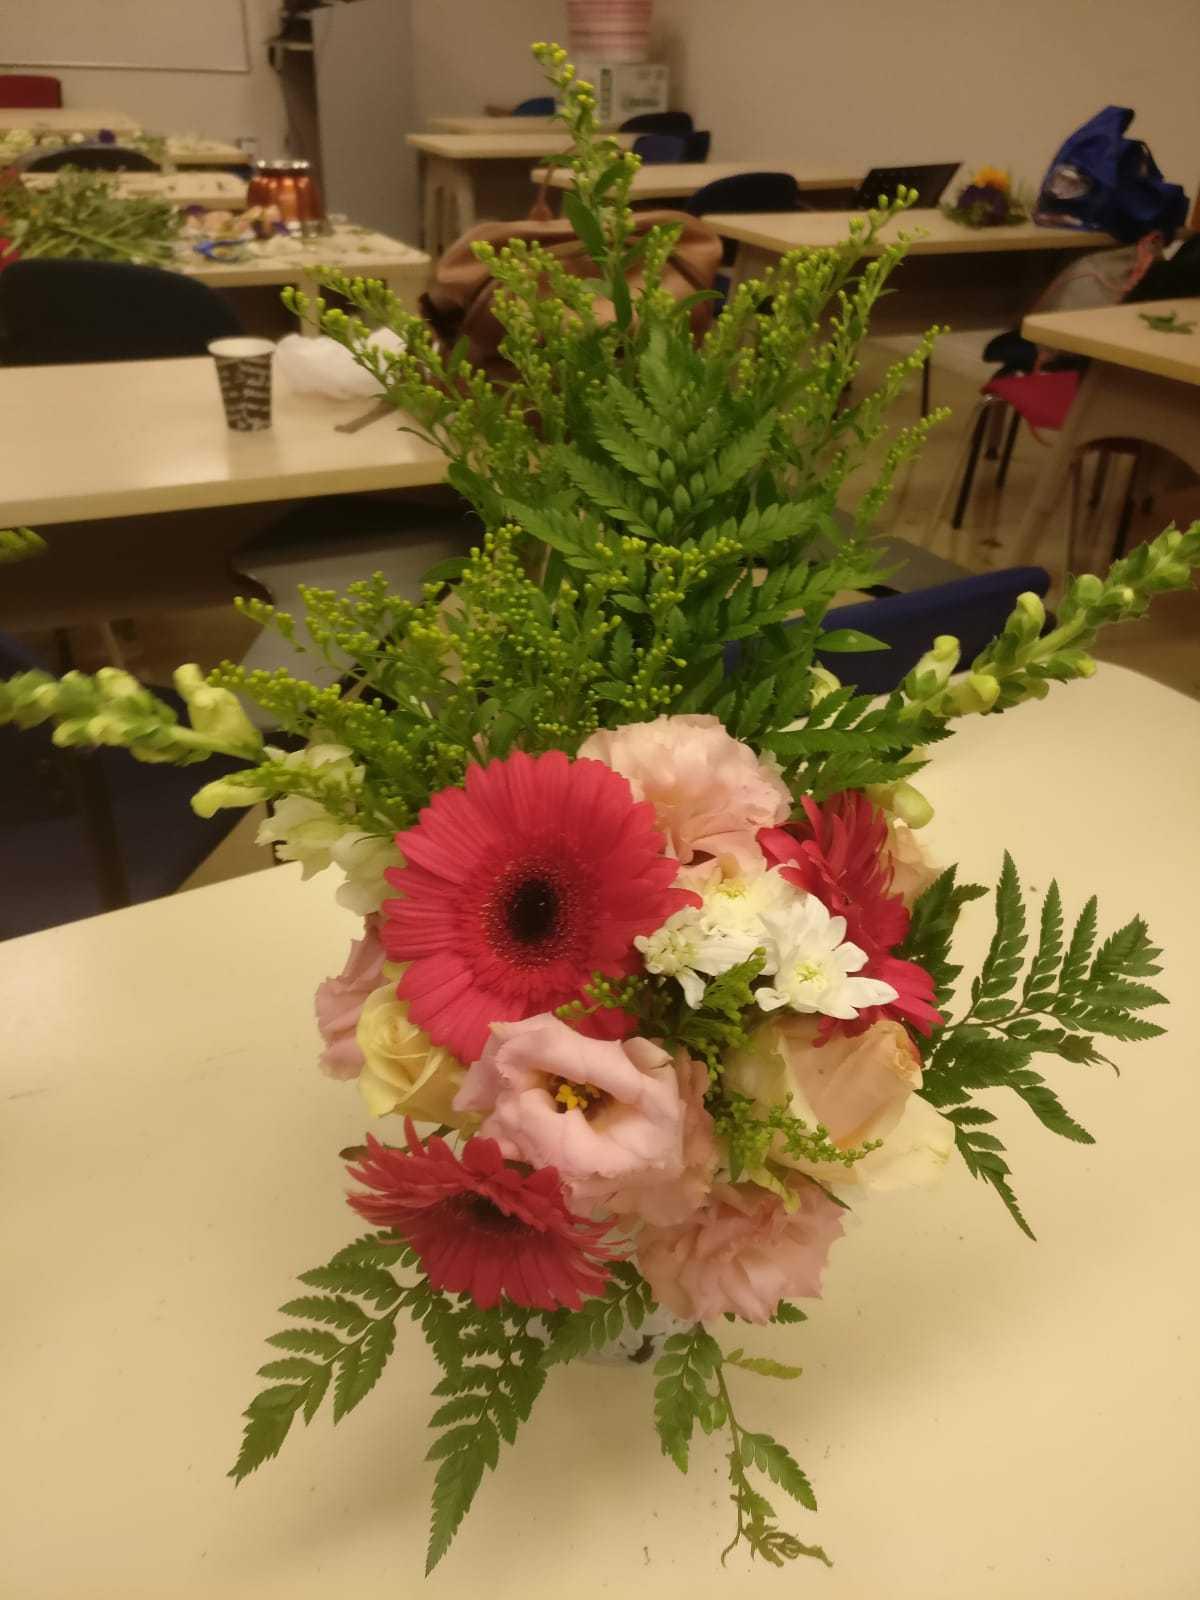 גלרייה - שיעור שזירת פרחים - קורס הפקת אירועים מחזור 23, 28 מתוך 32